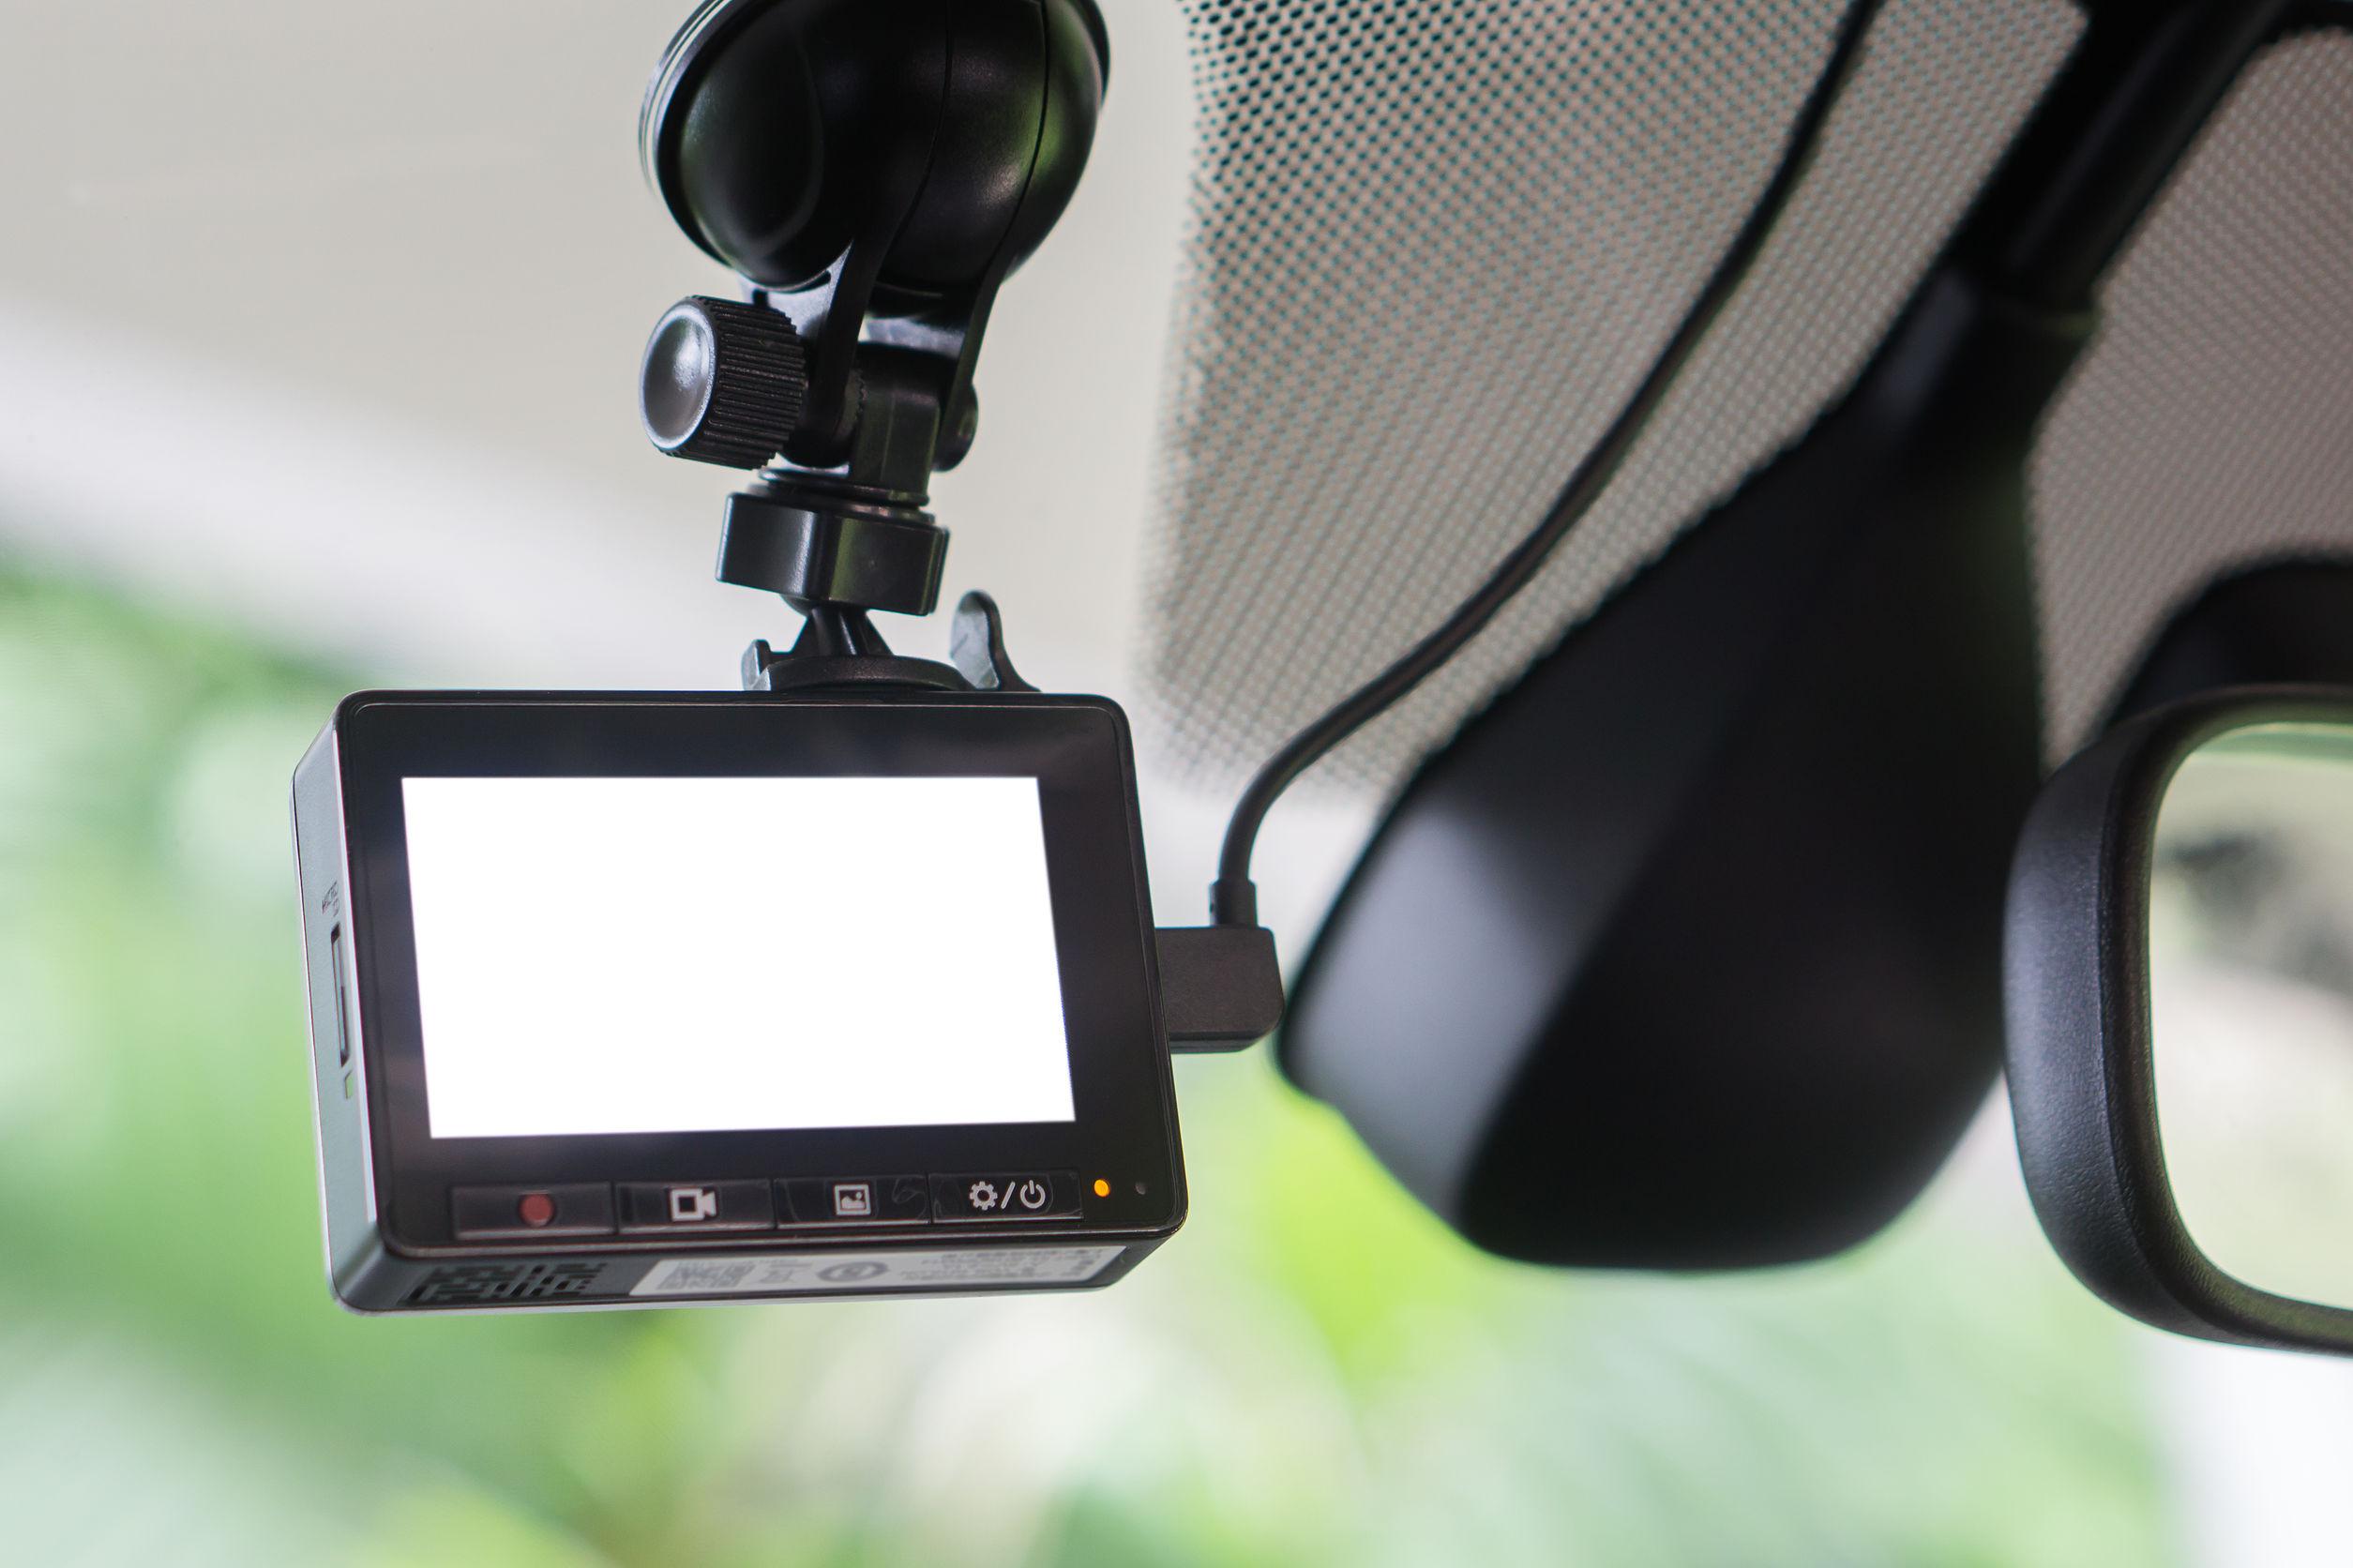 Miglior scheda acquisizione video 2020: Guida all'acquisto